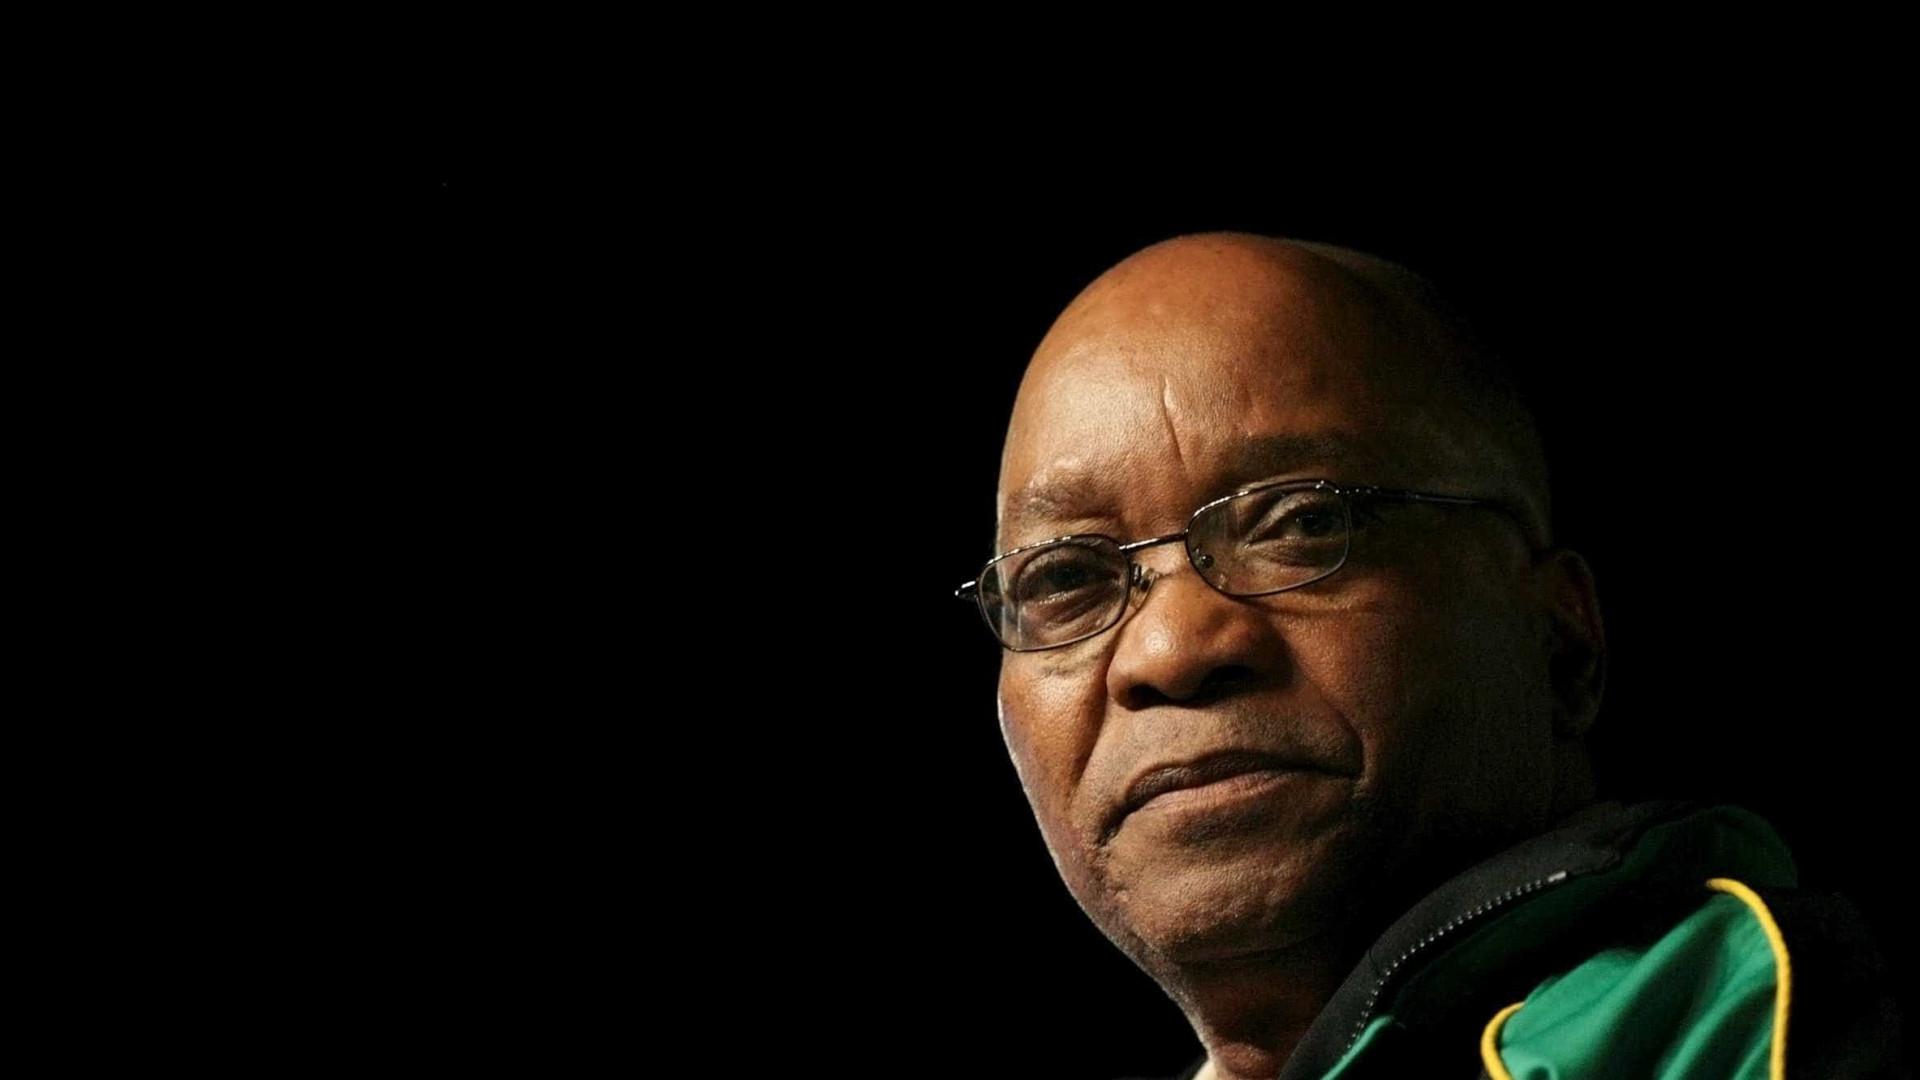 Polícia sul-africana prende três pessoas ligadas a caso contra Jacob Zuma